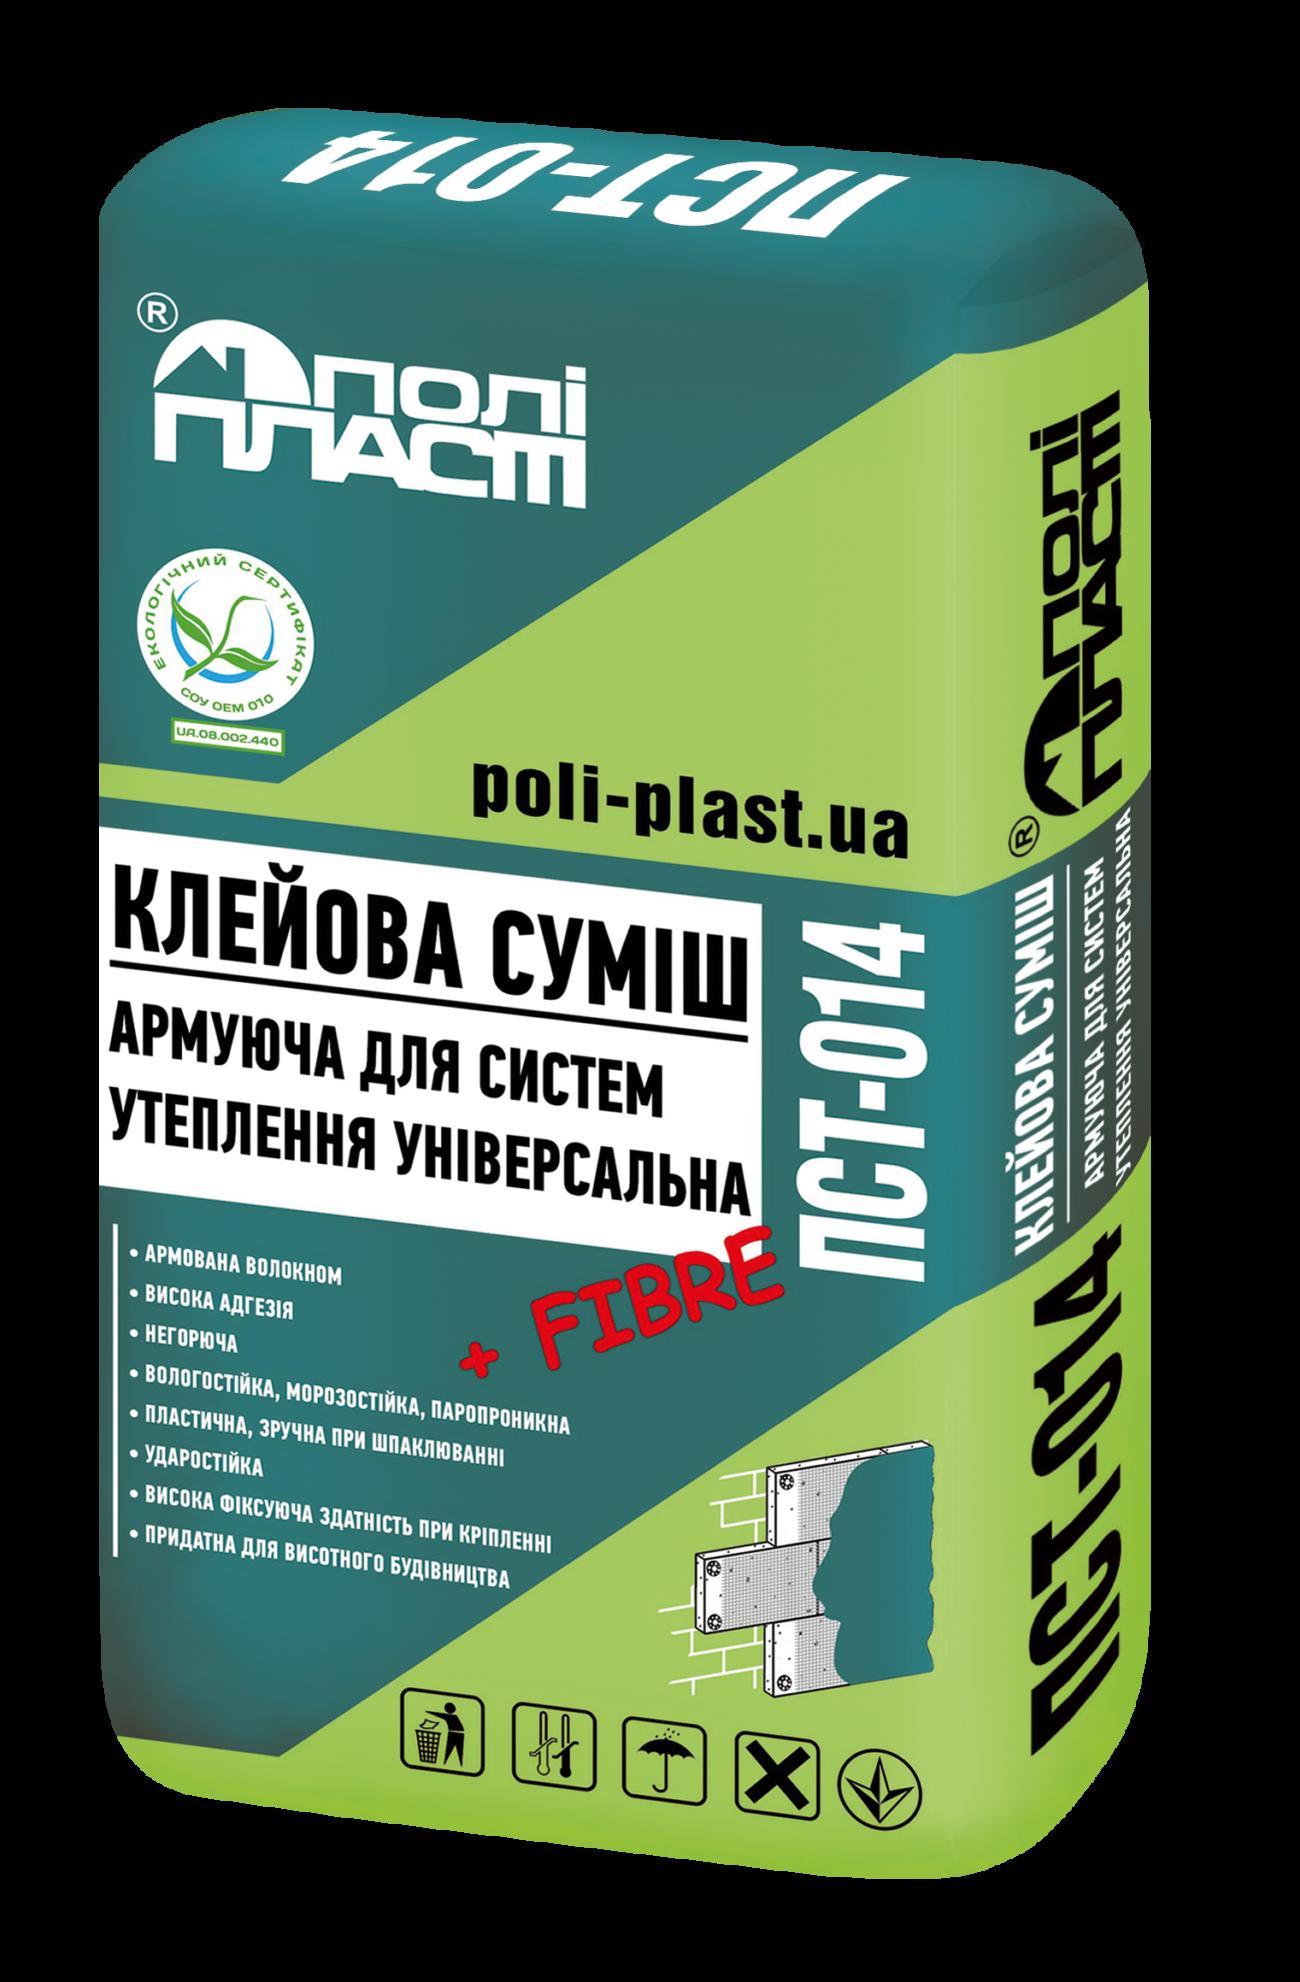 ПСТ-014